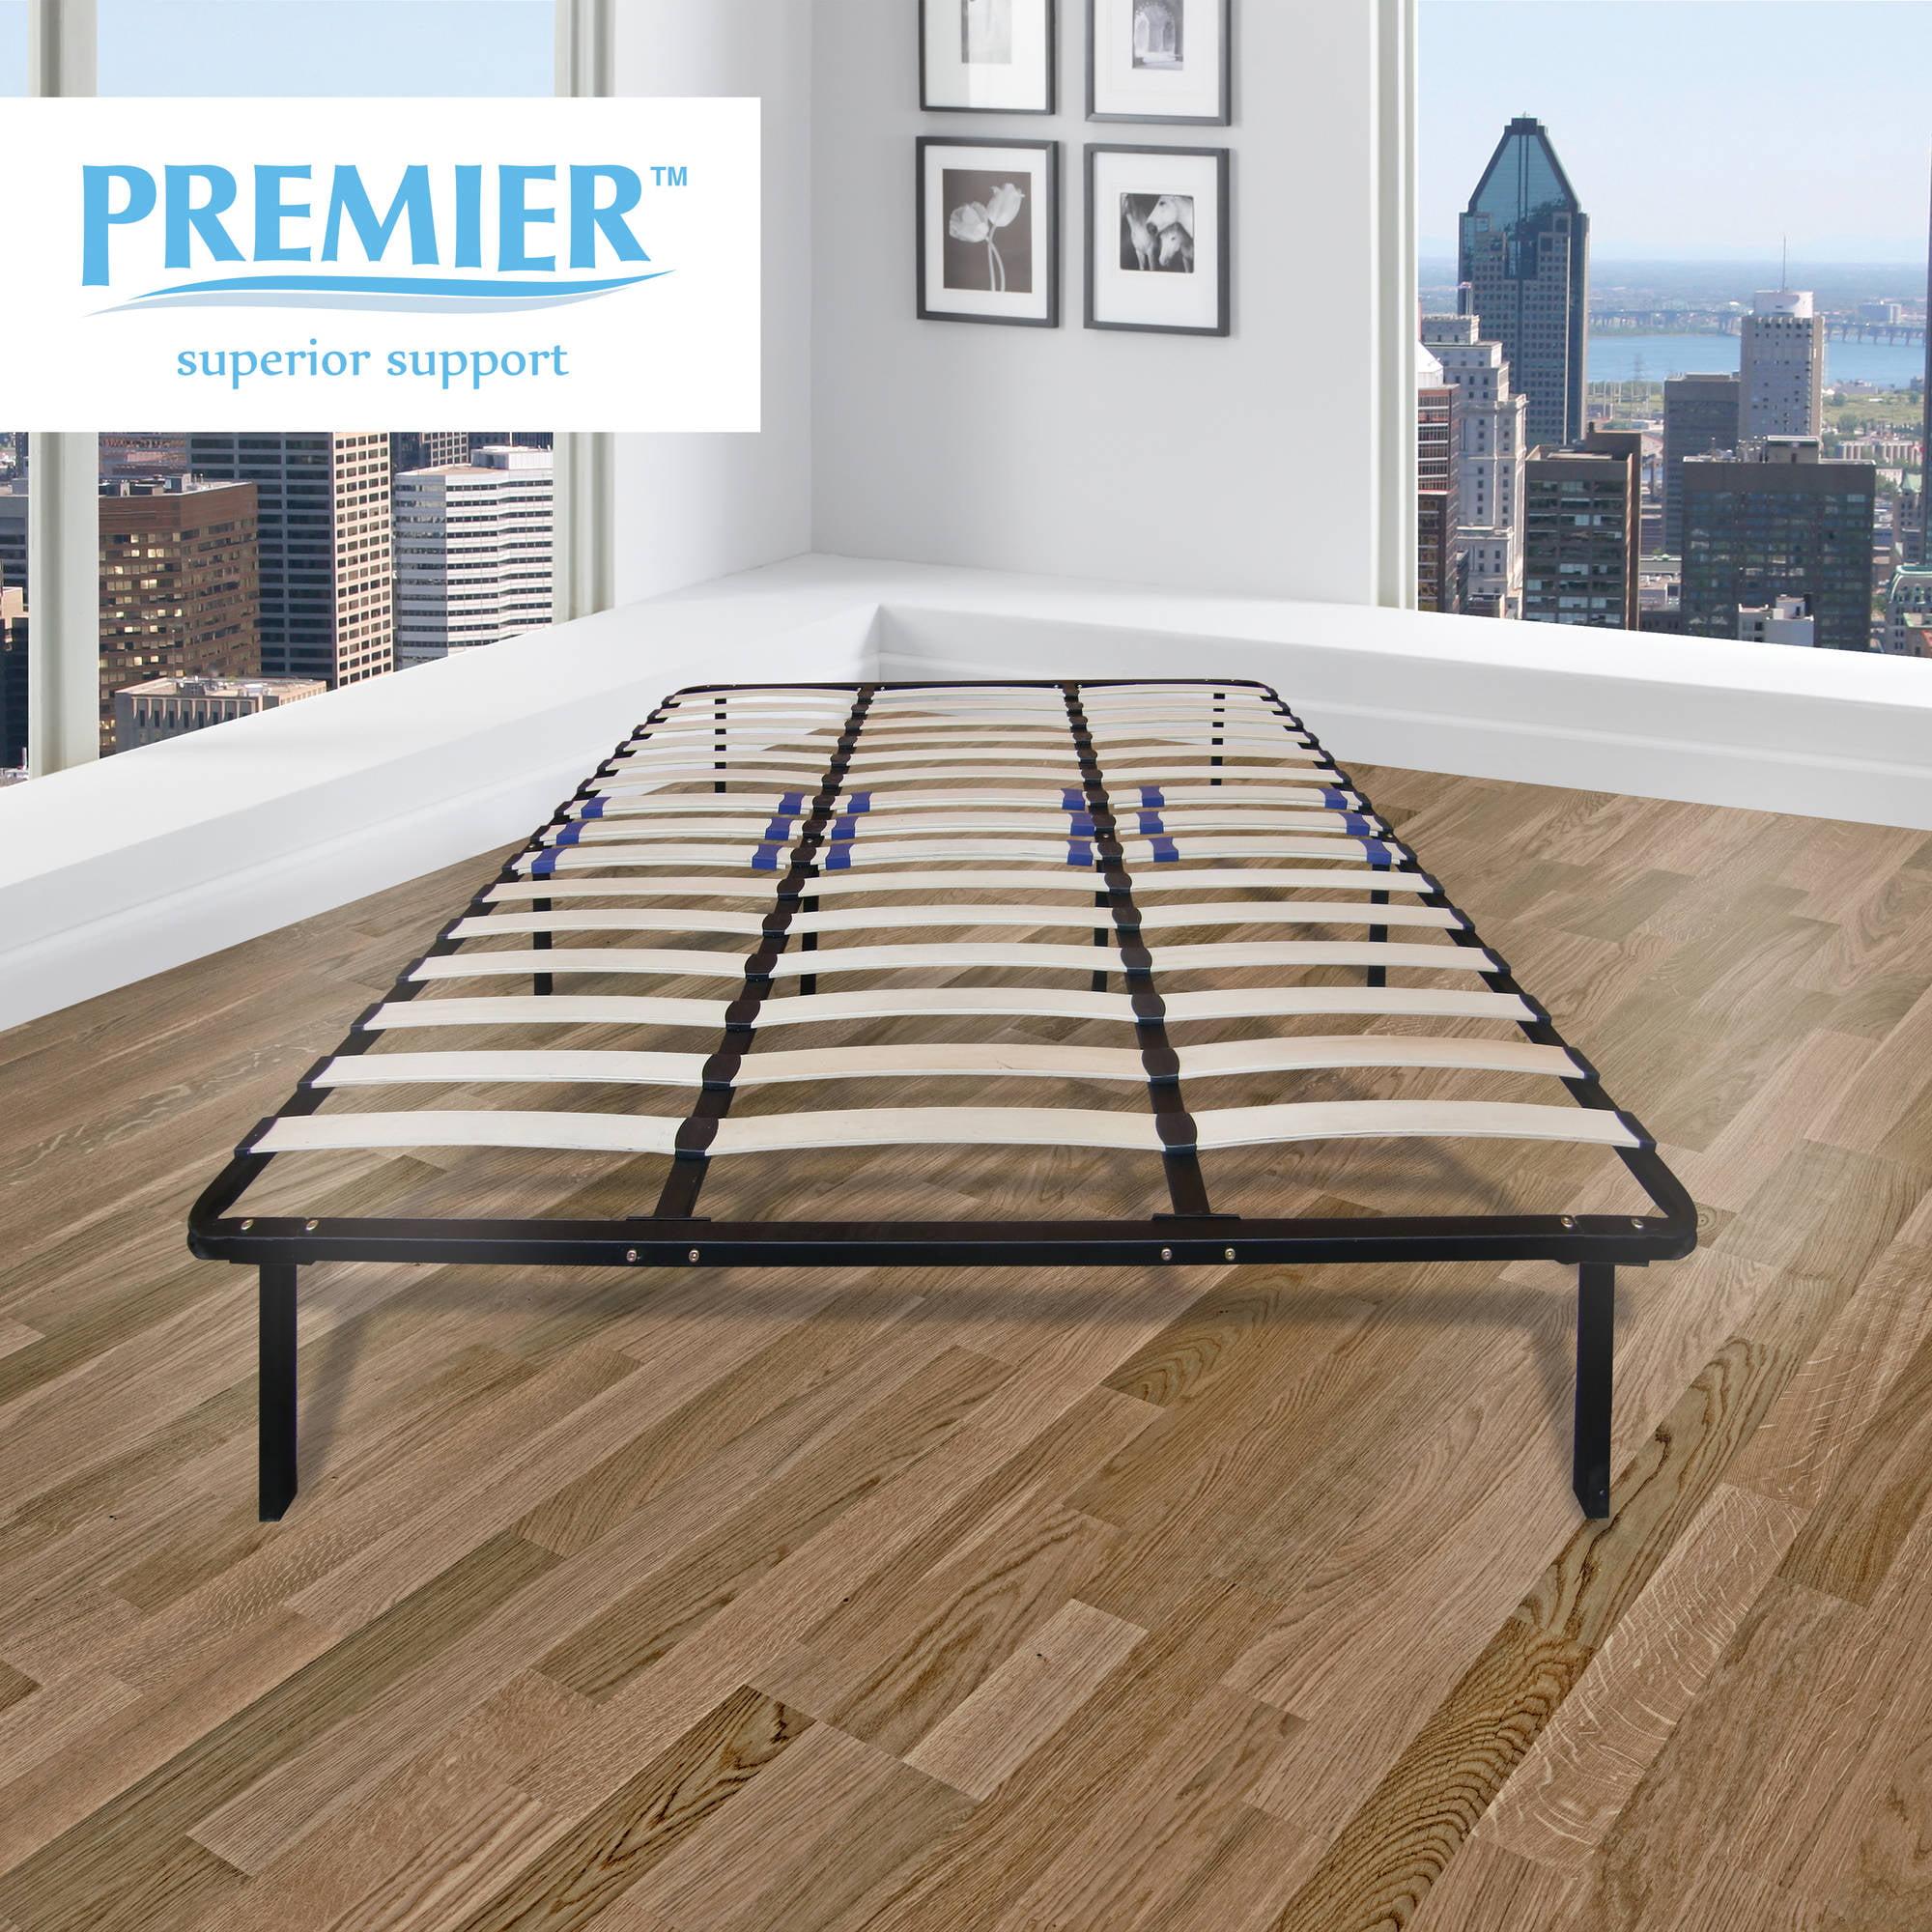 Premier Flex Platform Base Foundation Bed Frame with Adjustable Lumbar Support, Multiple Sizes